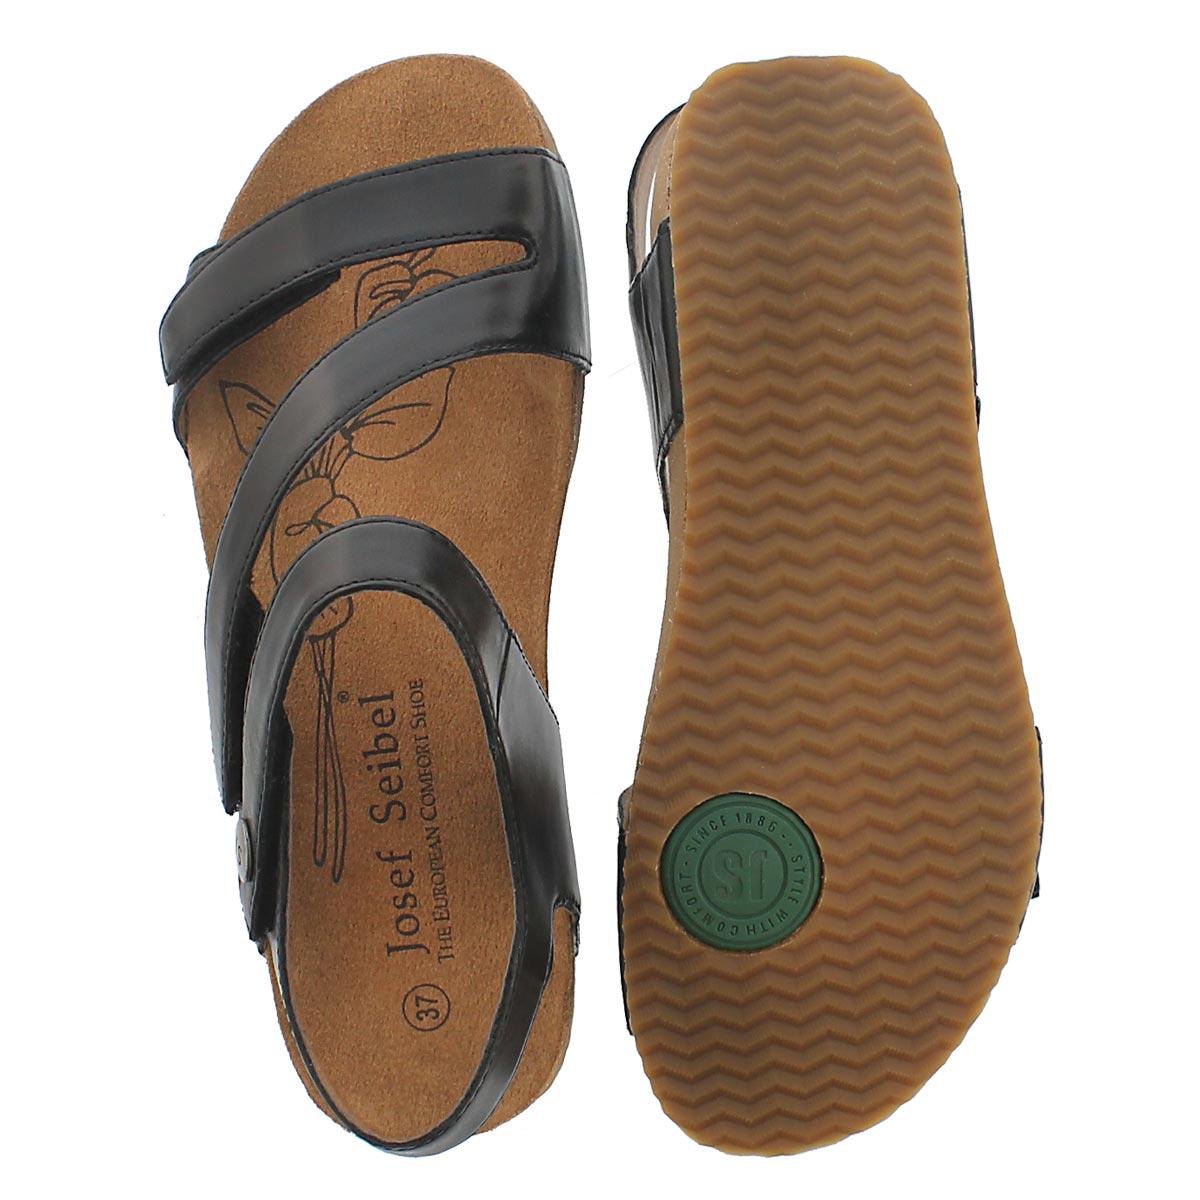 Lds Tonga 25 black casual sandal